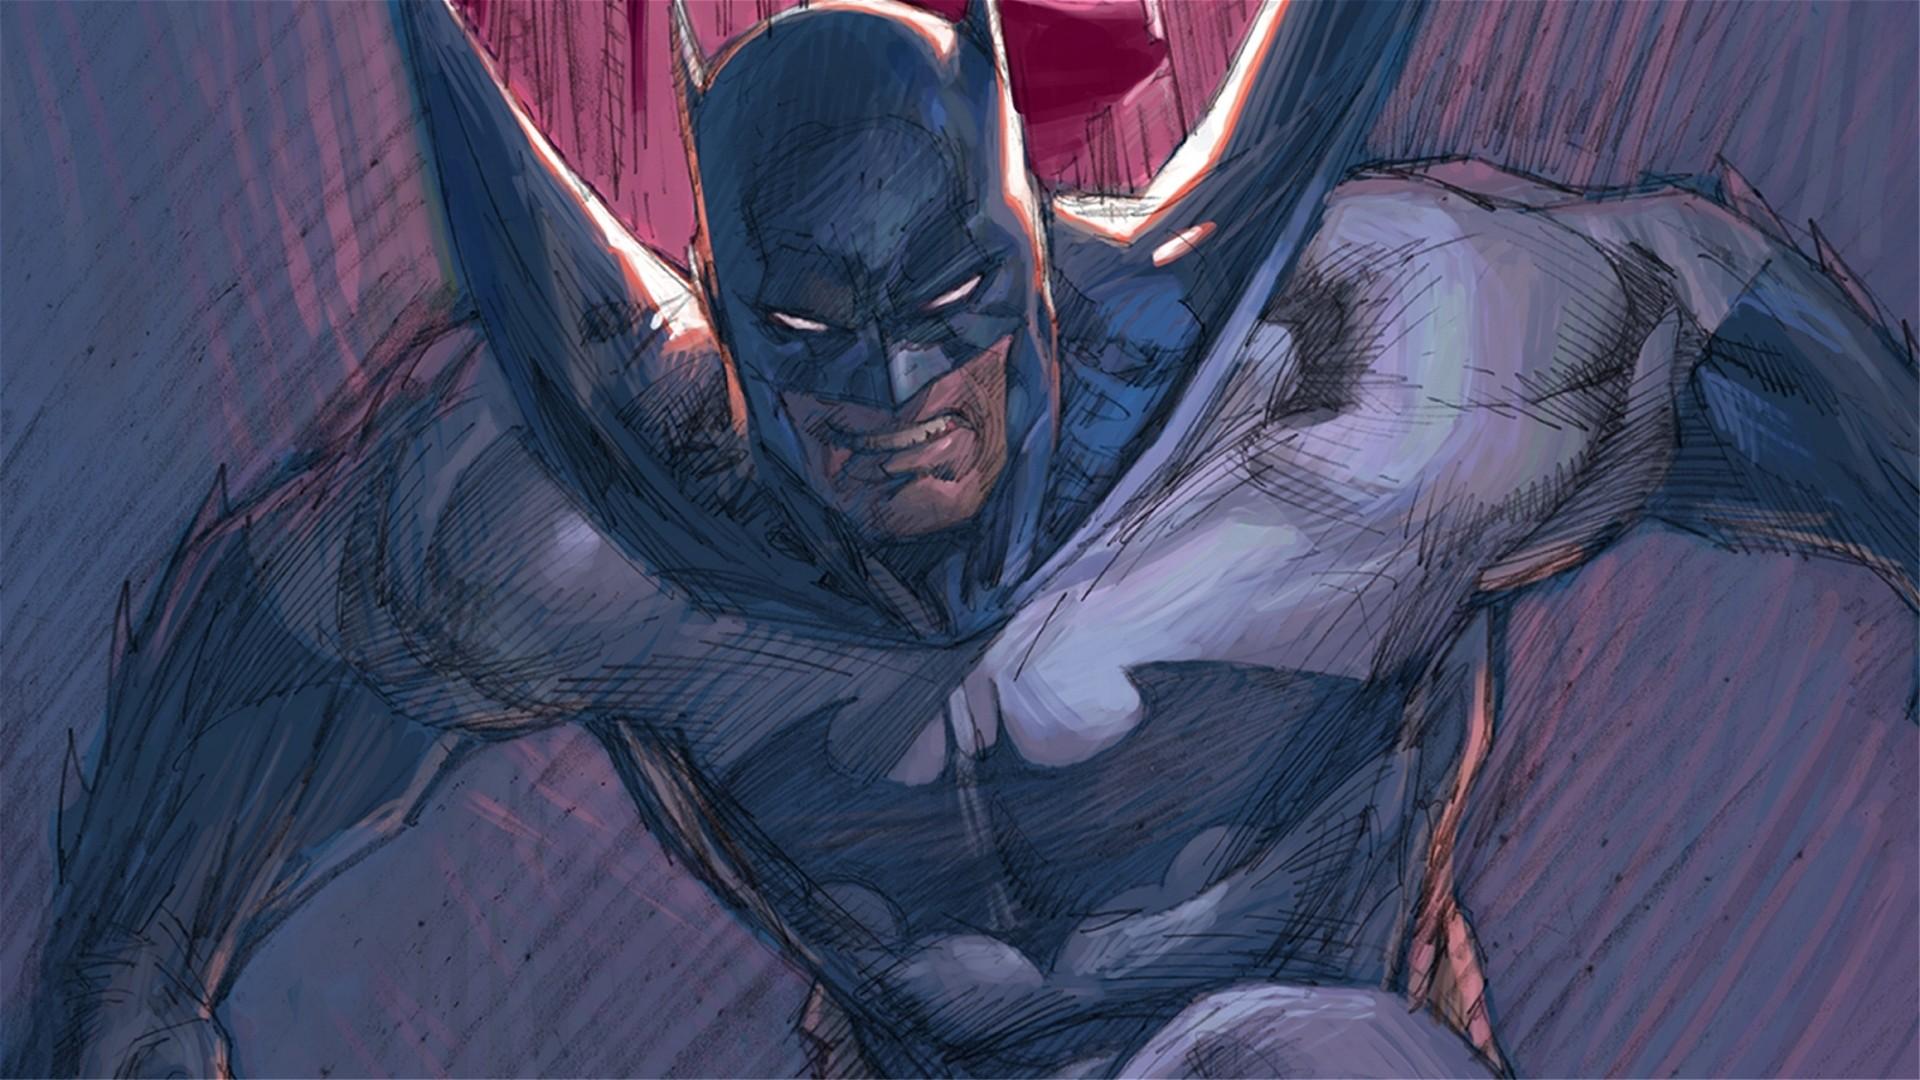 Hd Wallpapers Batman Jim Lee Superman 1024 X 819 120 Kb Jpeg   HD .